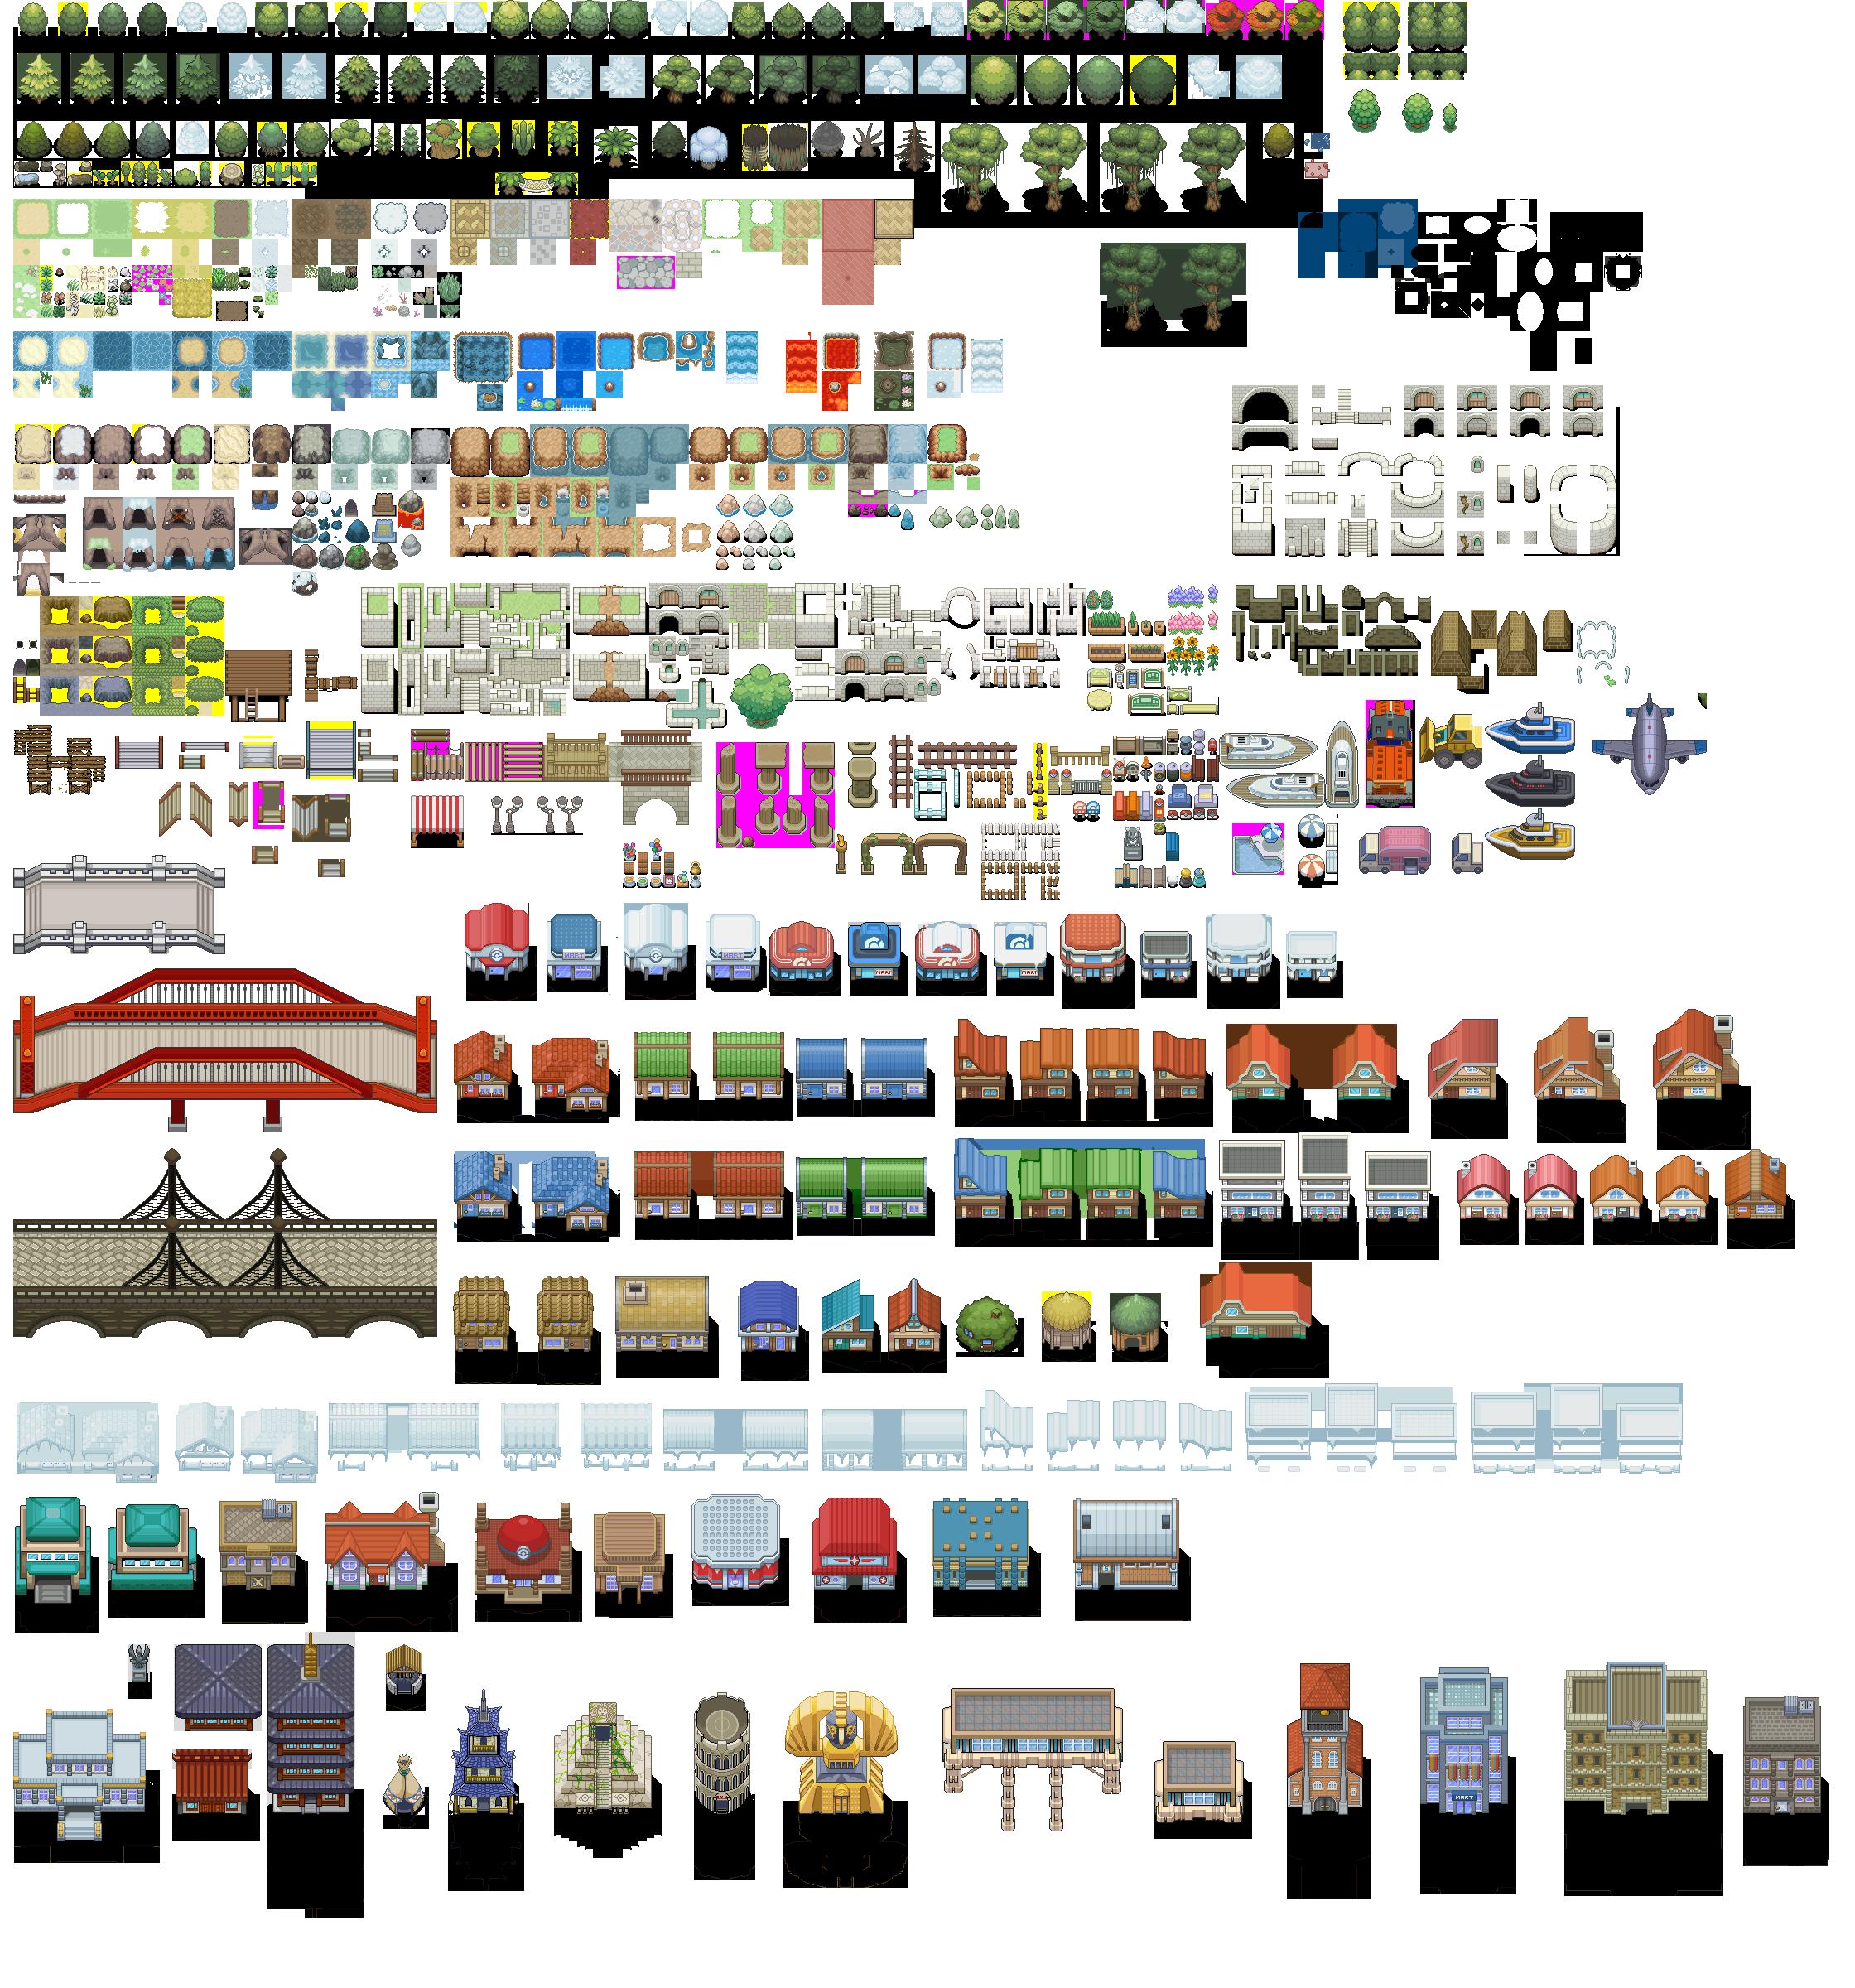 pixel art u003e pokemon u003e tileset from public tiles by